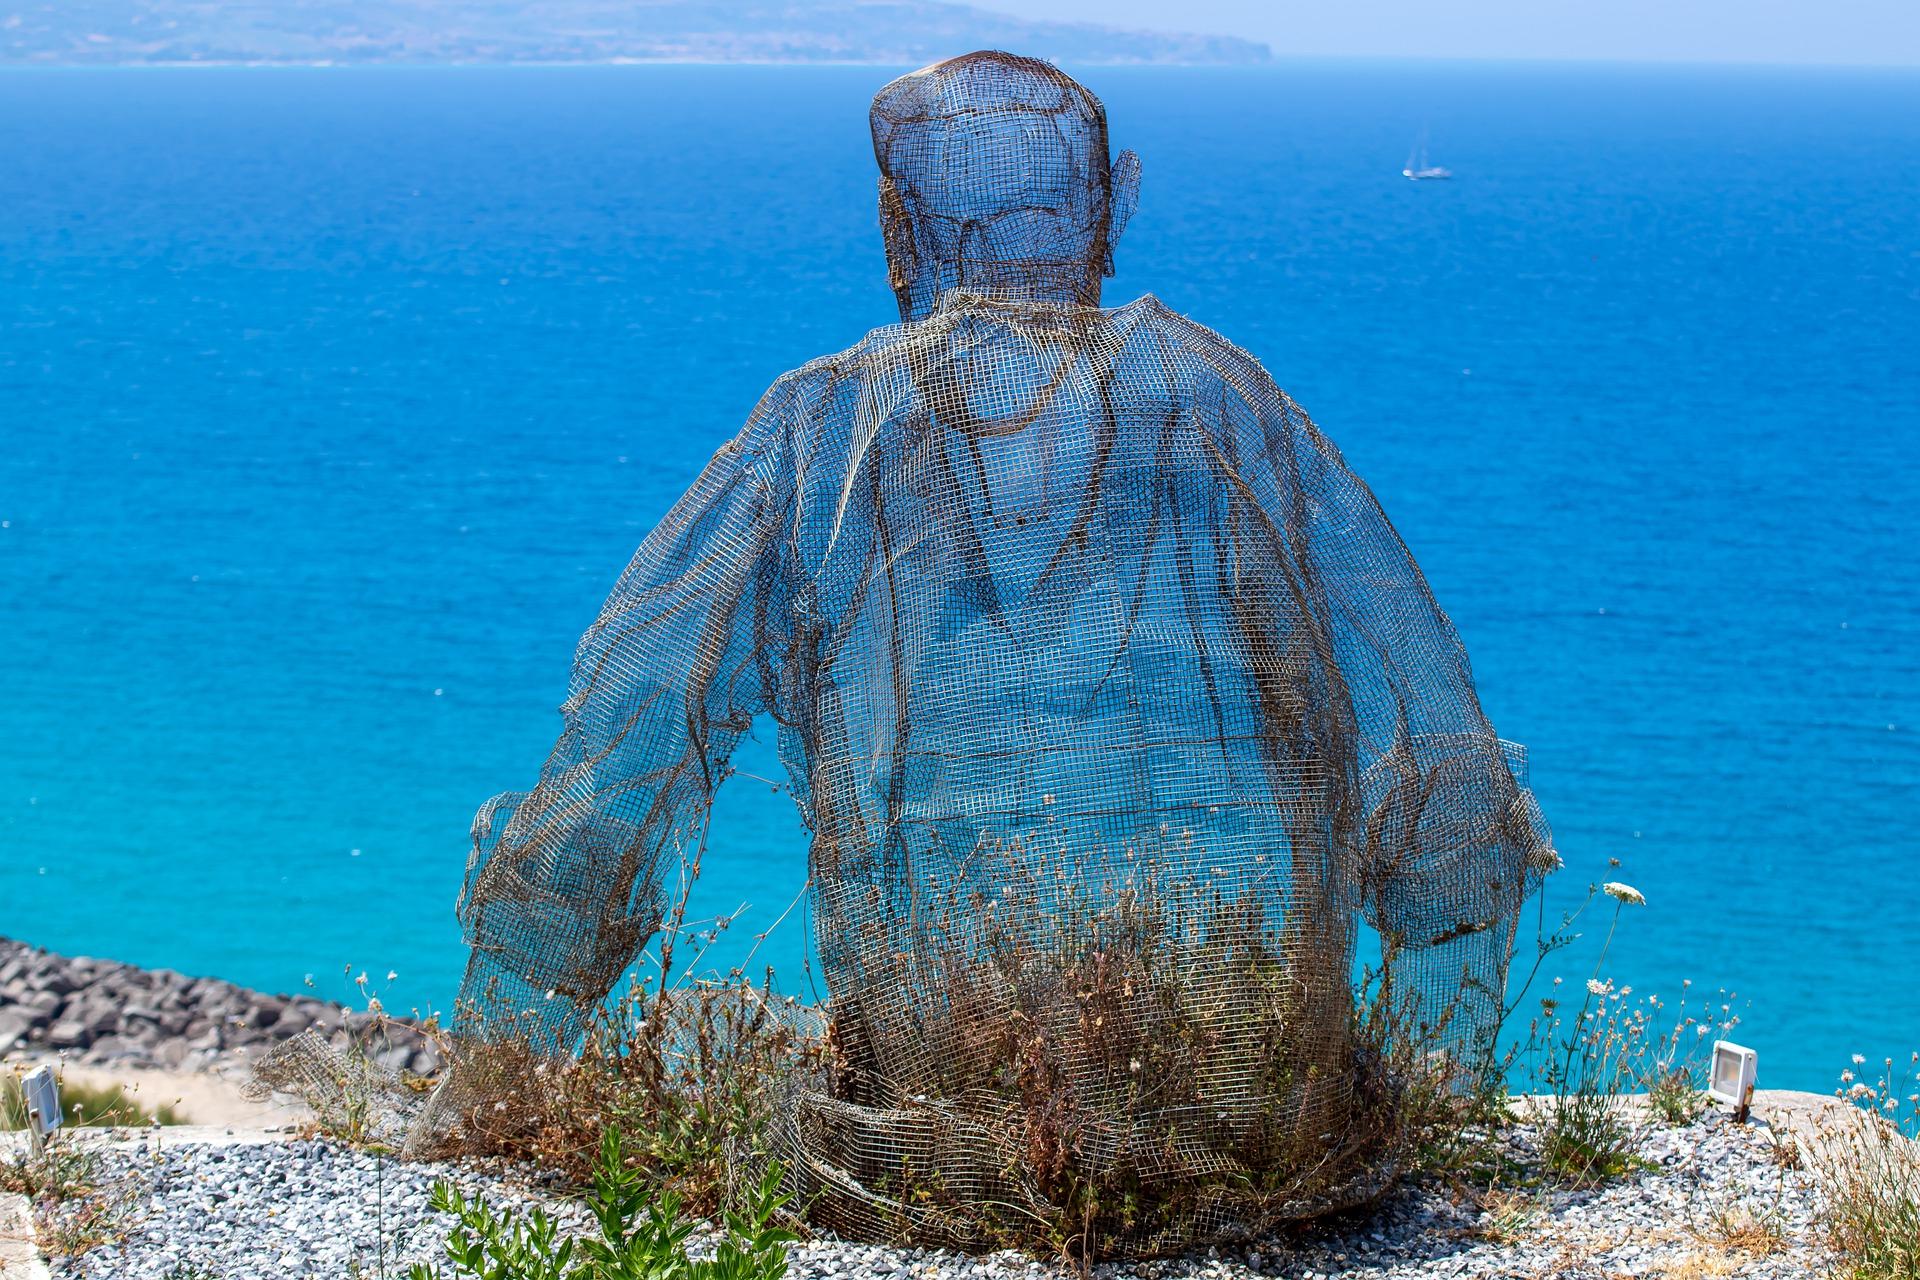 sculpture-4371970_1920.jpg